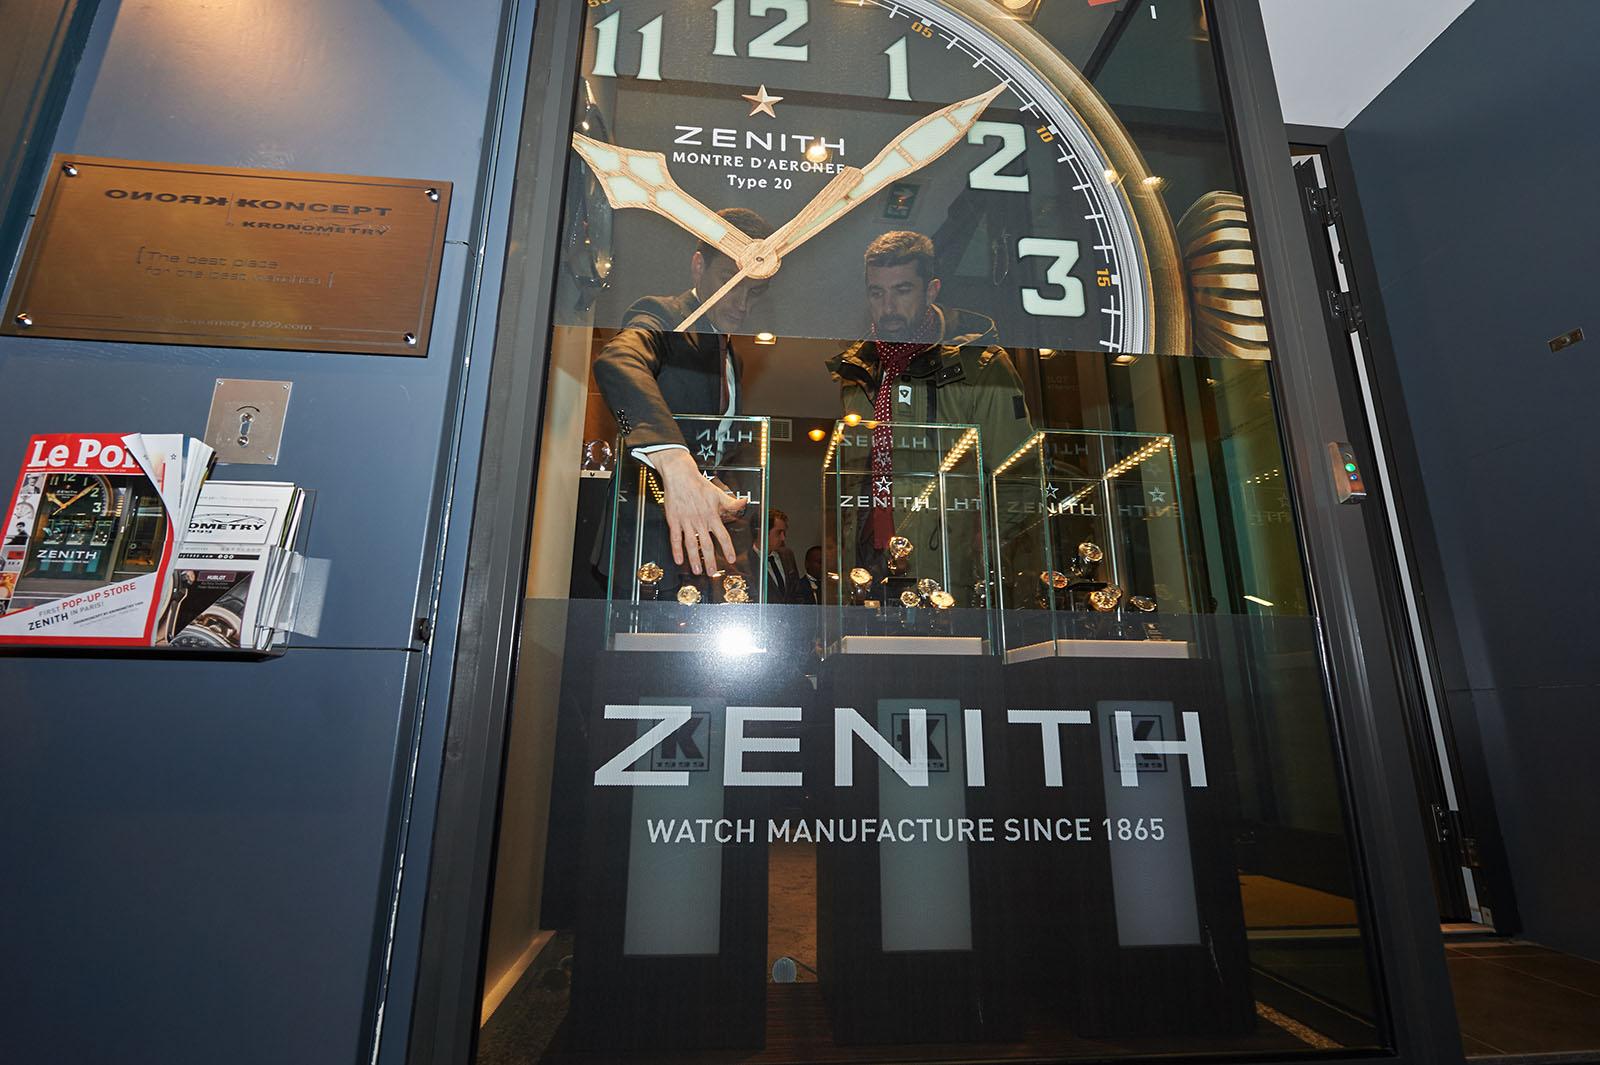 ZENITH006